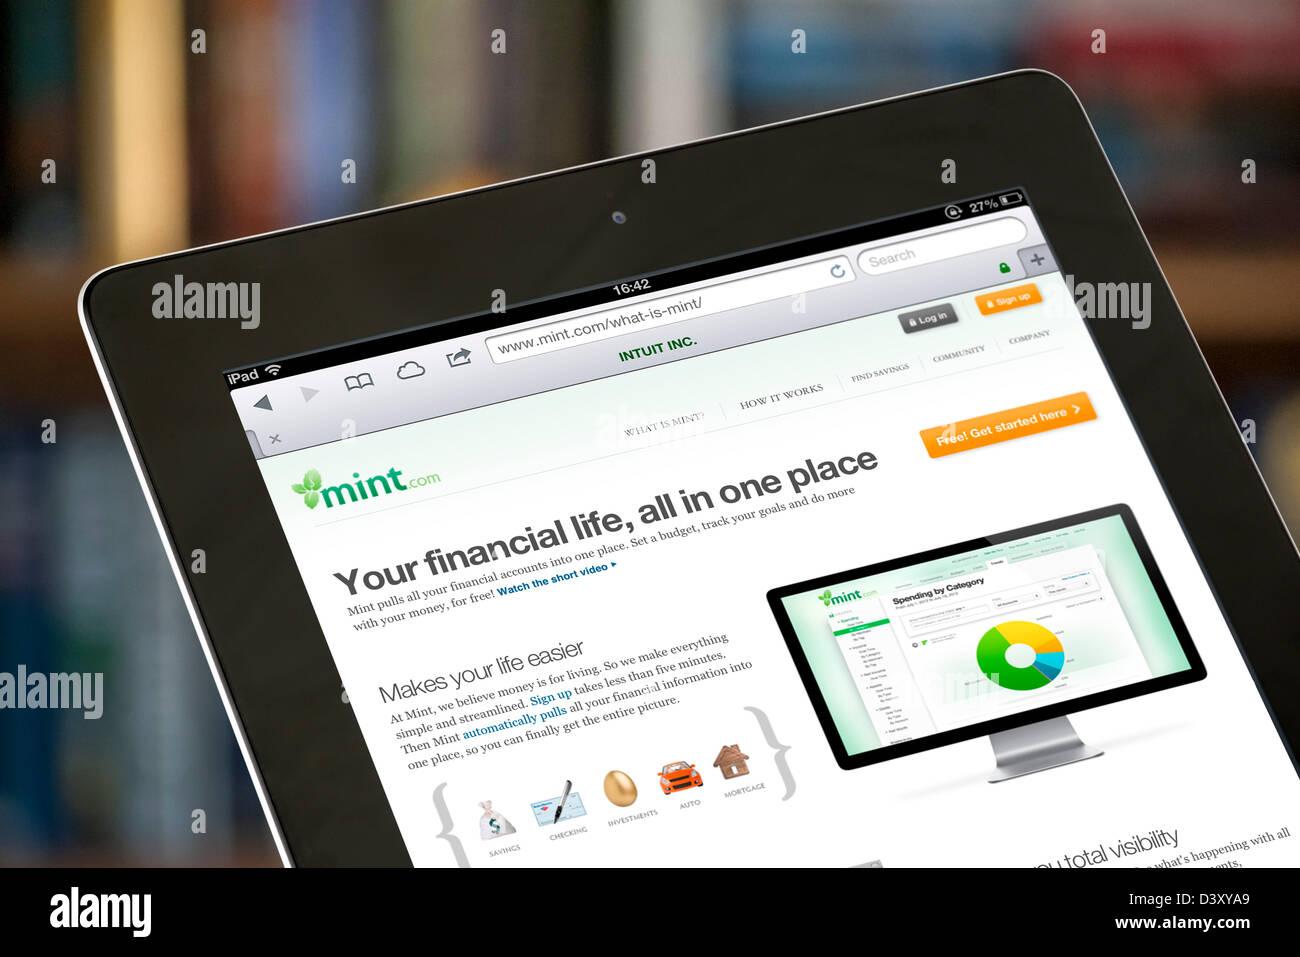 La gestion financière basée web mint.com service, USA Photo Stock